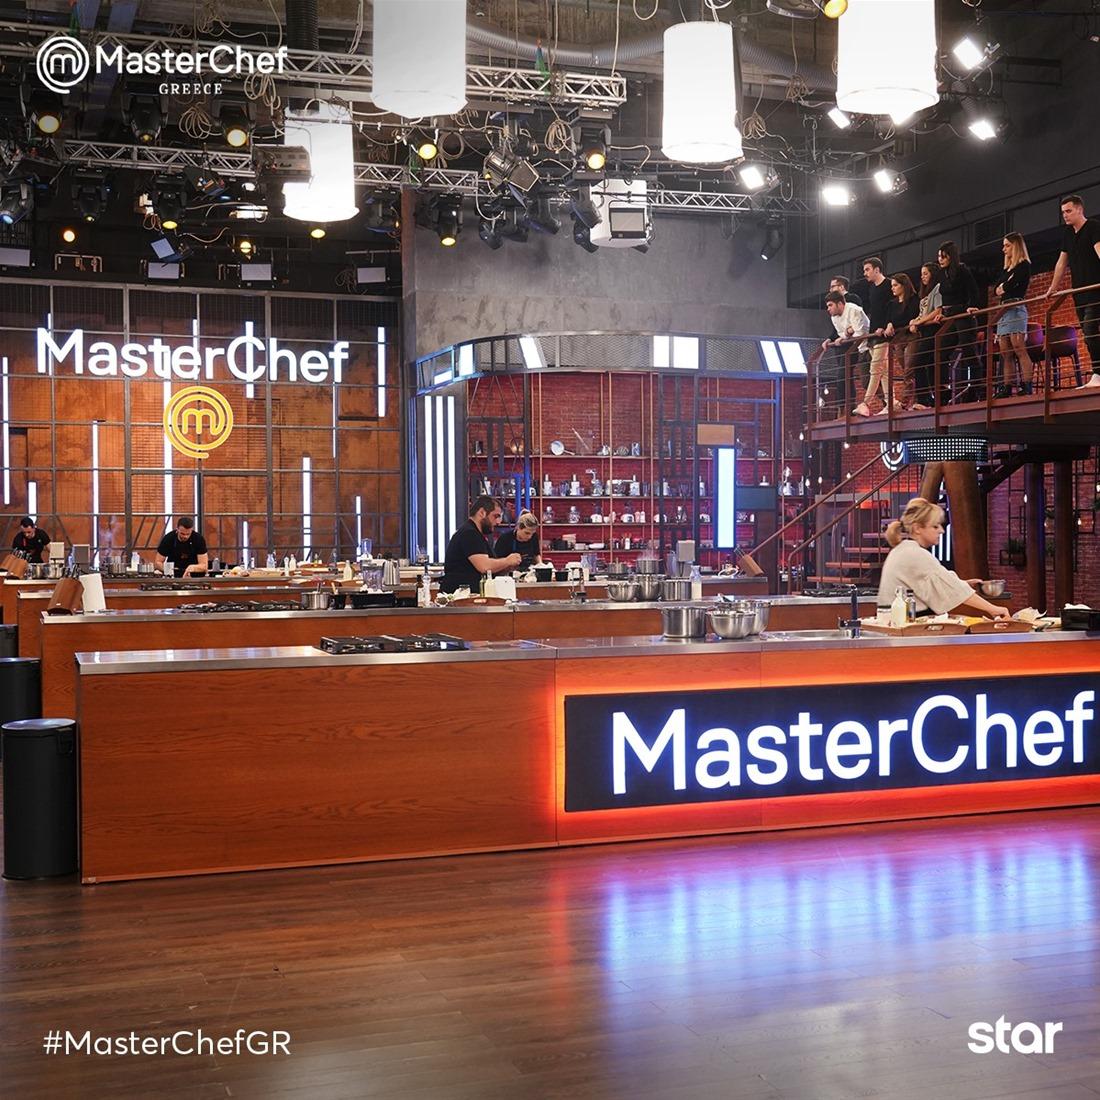 Masterchef 5: Την «έφερε» σε παίκτες και τηλεθεατές – Το επεισόδιο των ανατροπών (videos)